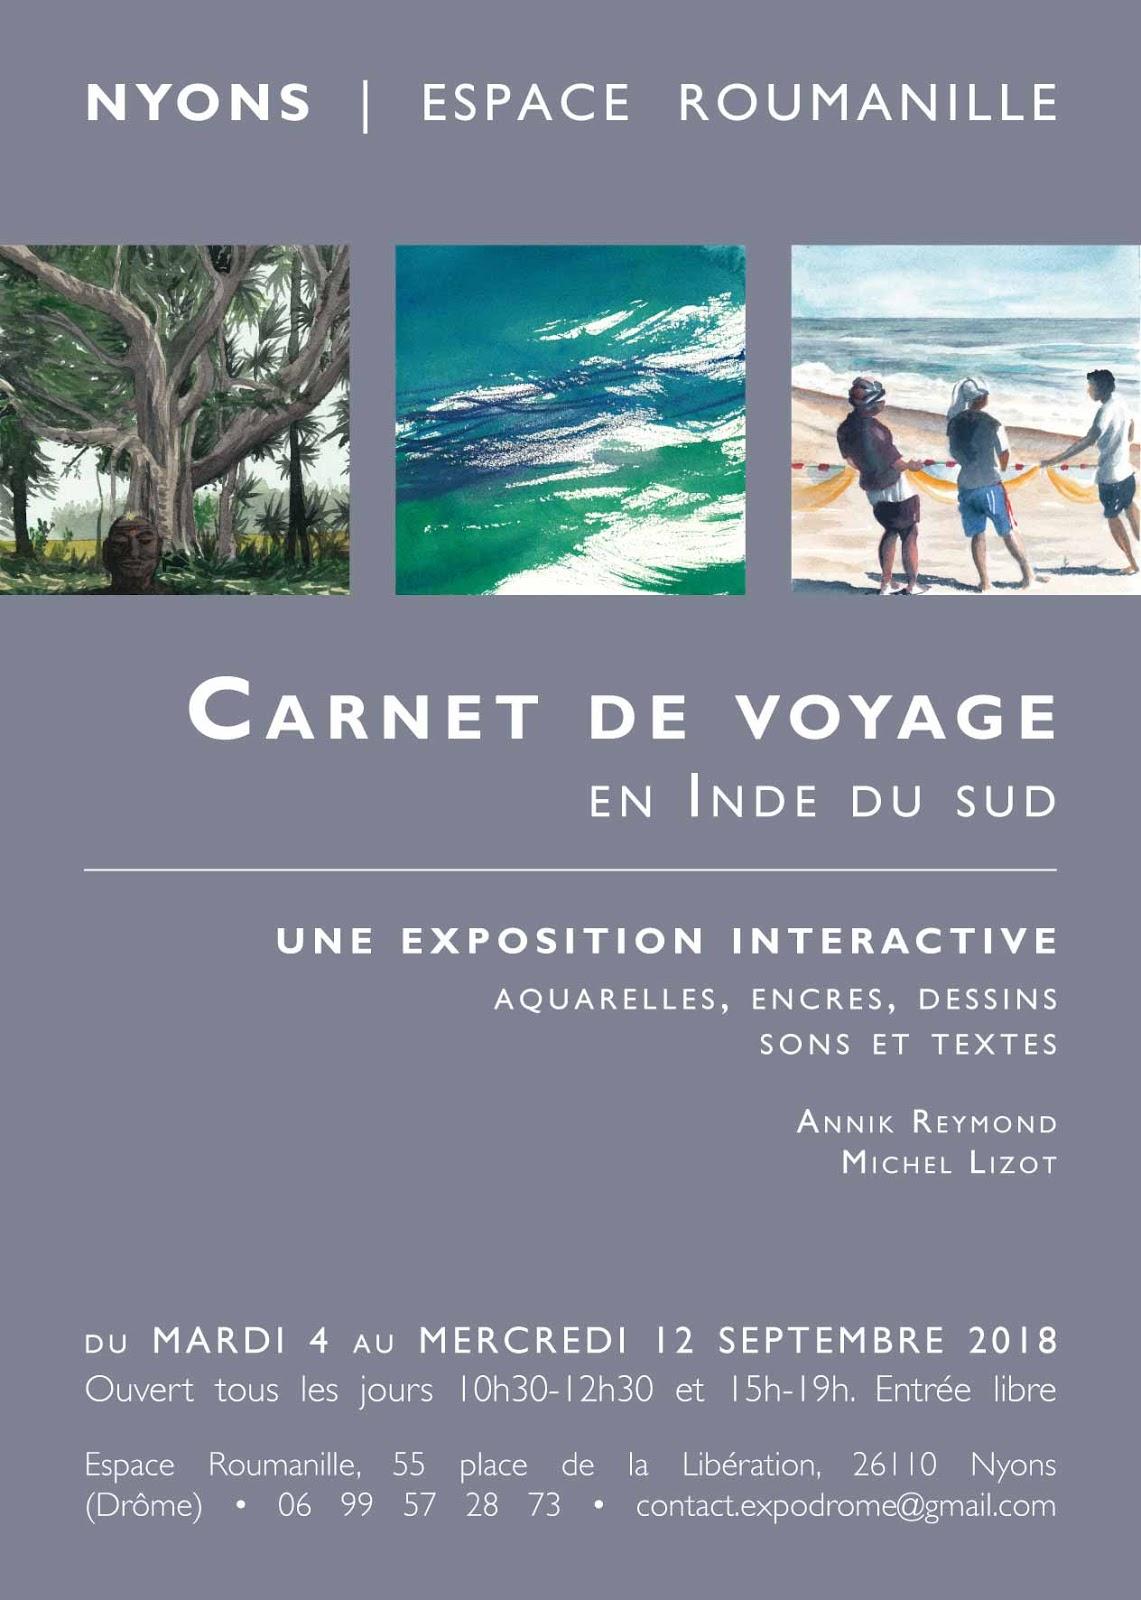 Expo Carnet de voyage en Inde - Annik Reymond Michel Lizot